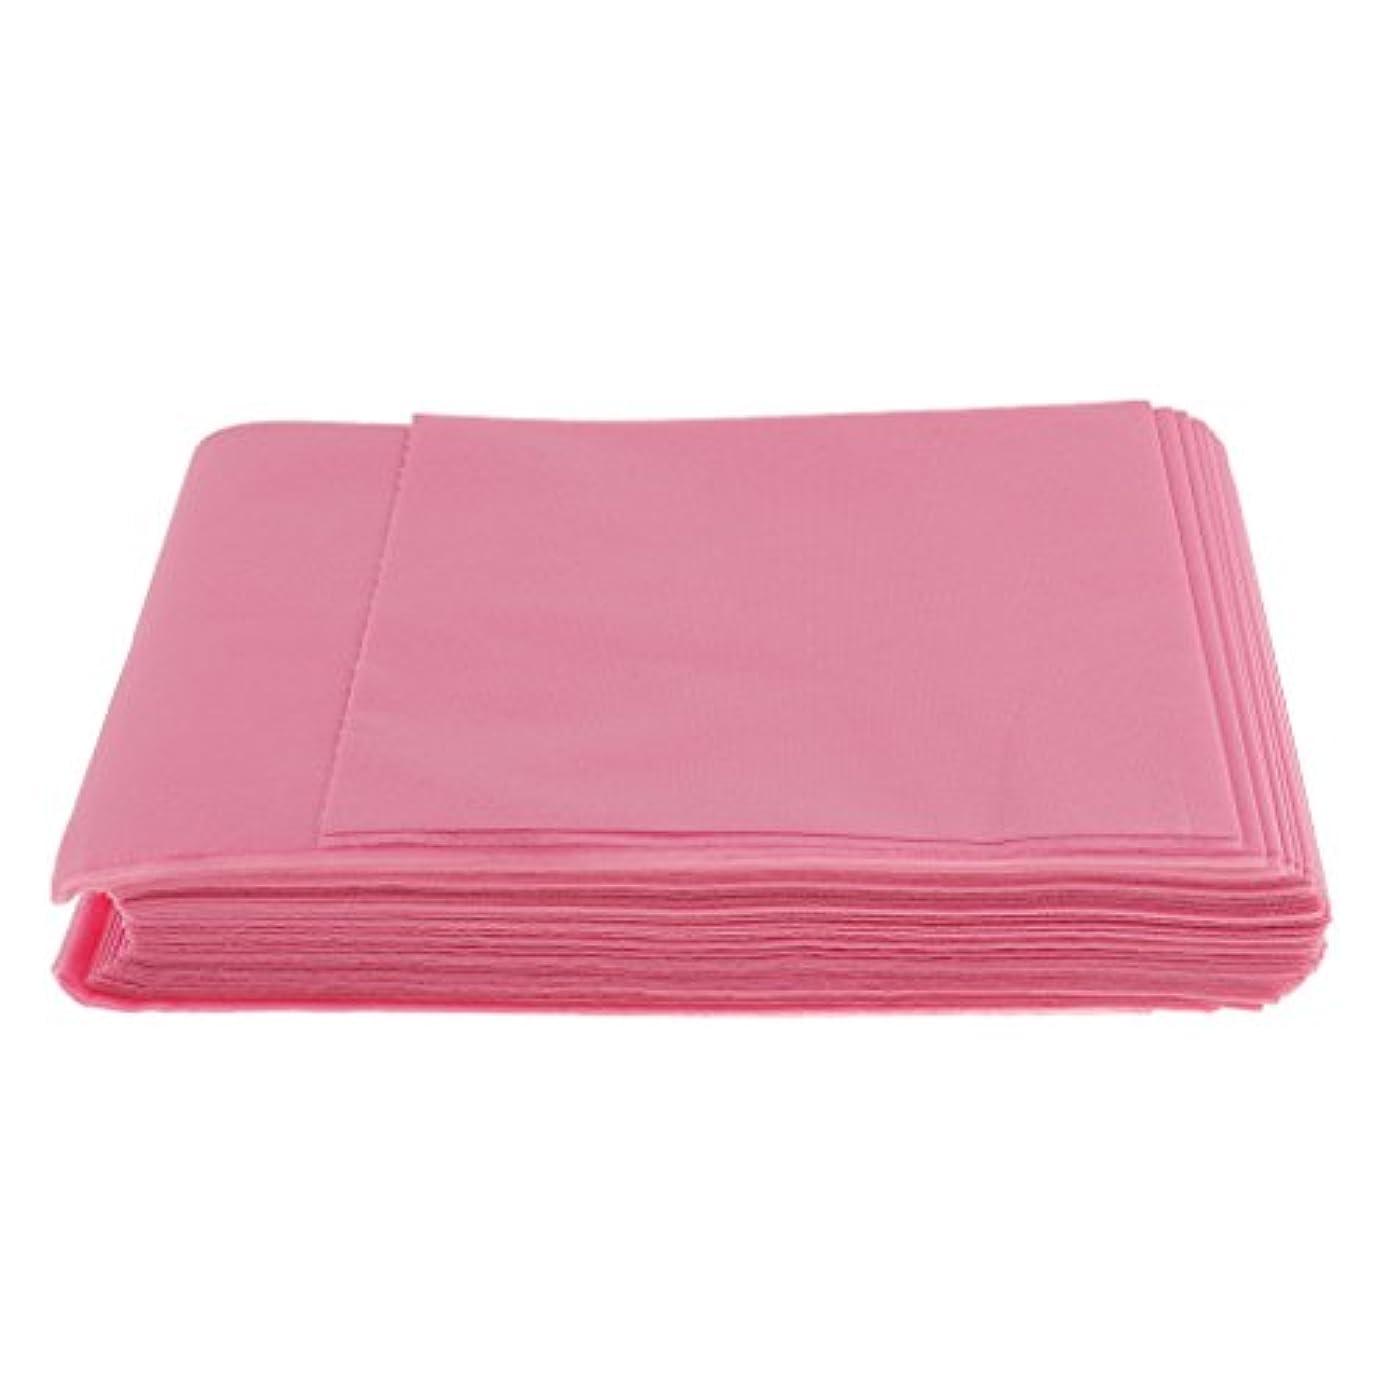 Baosity 10枚入り 使い捨て 美容室/マッサージ/サロン/ホテル ベッドパッド 無織PP 衛生シート 全3色選べ - ピンク